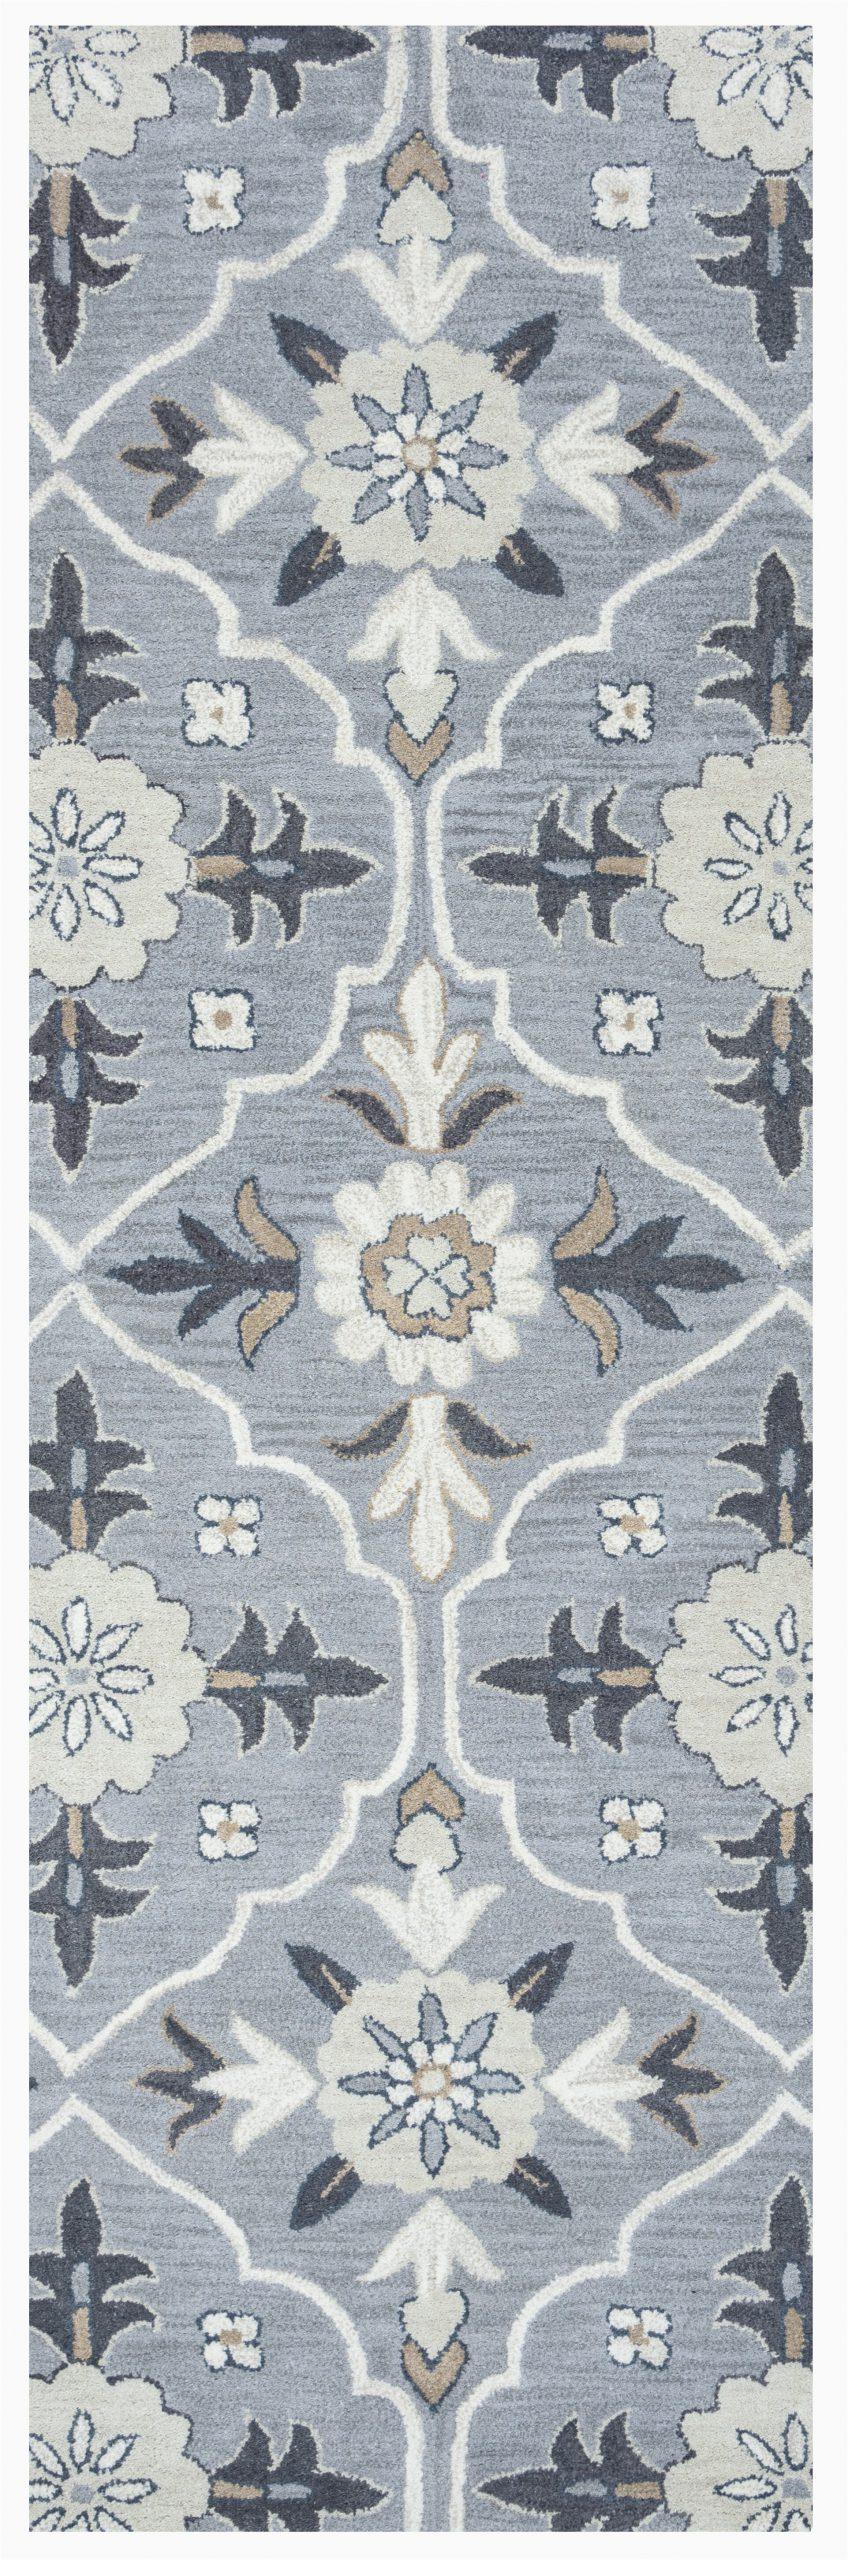 vihaan hand tufted wool blue area rug